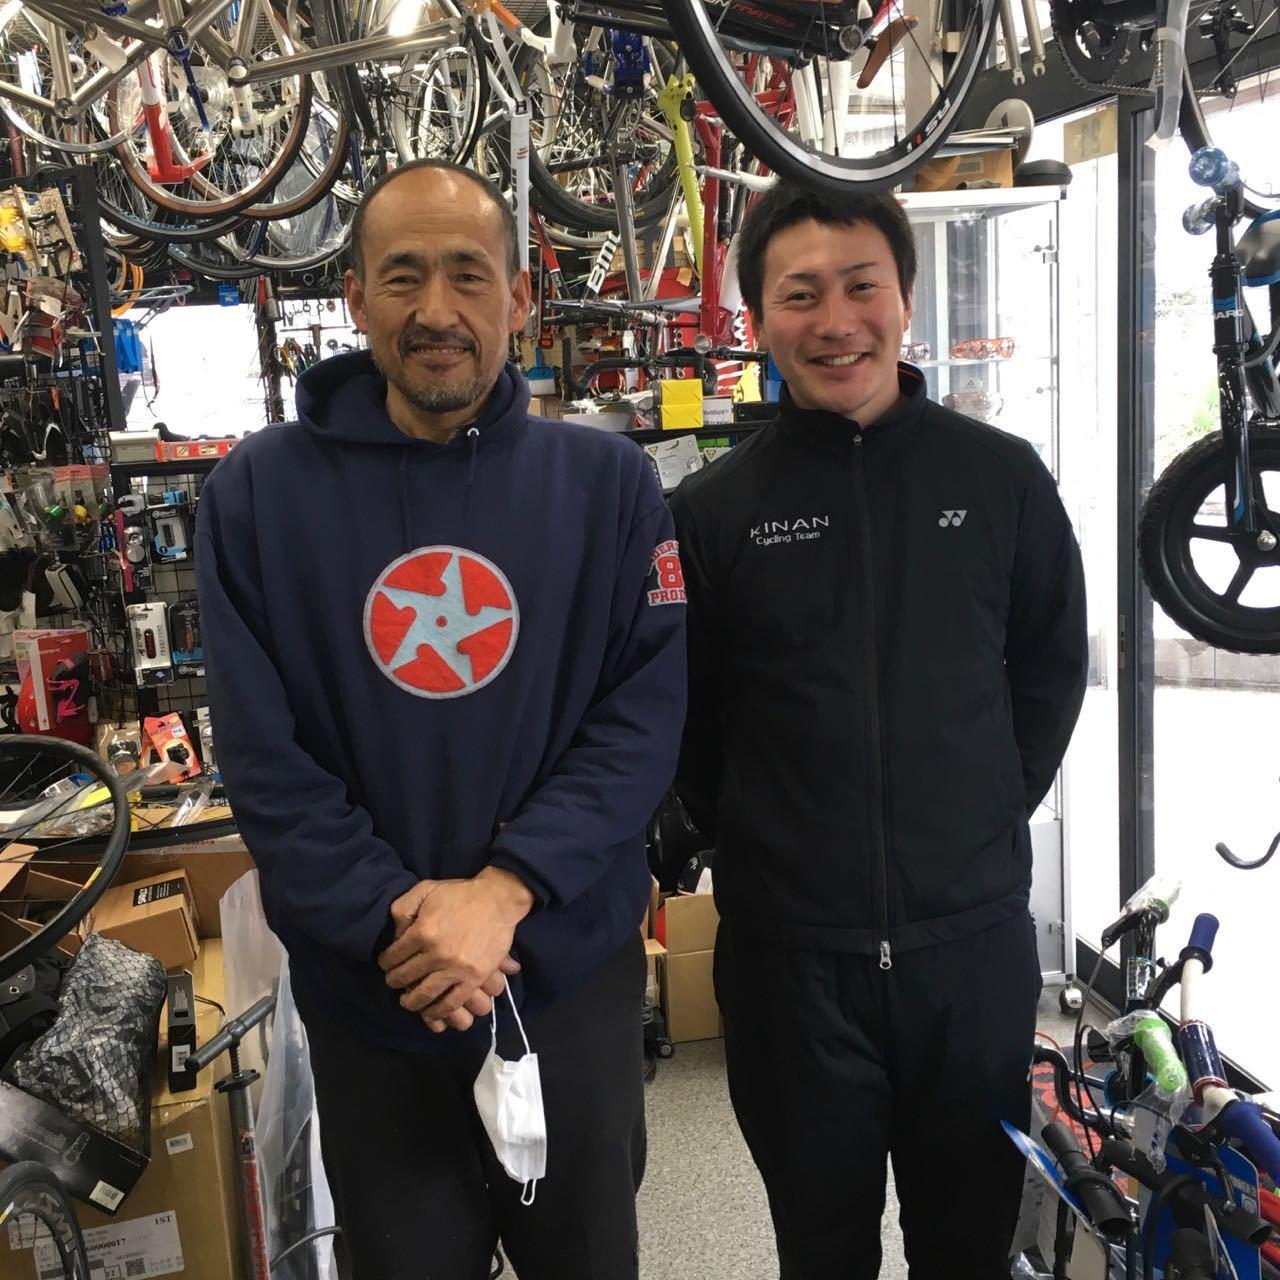 2019.03.03「キナンサイクリングチーム」_c0197974_05571933.jpg